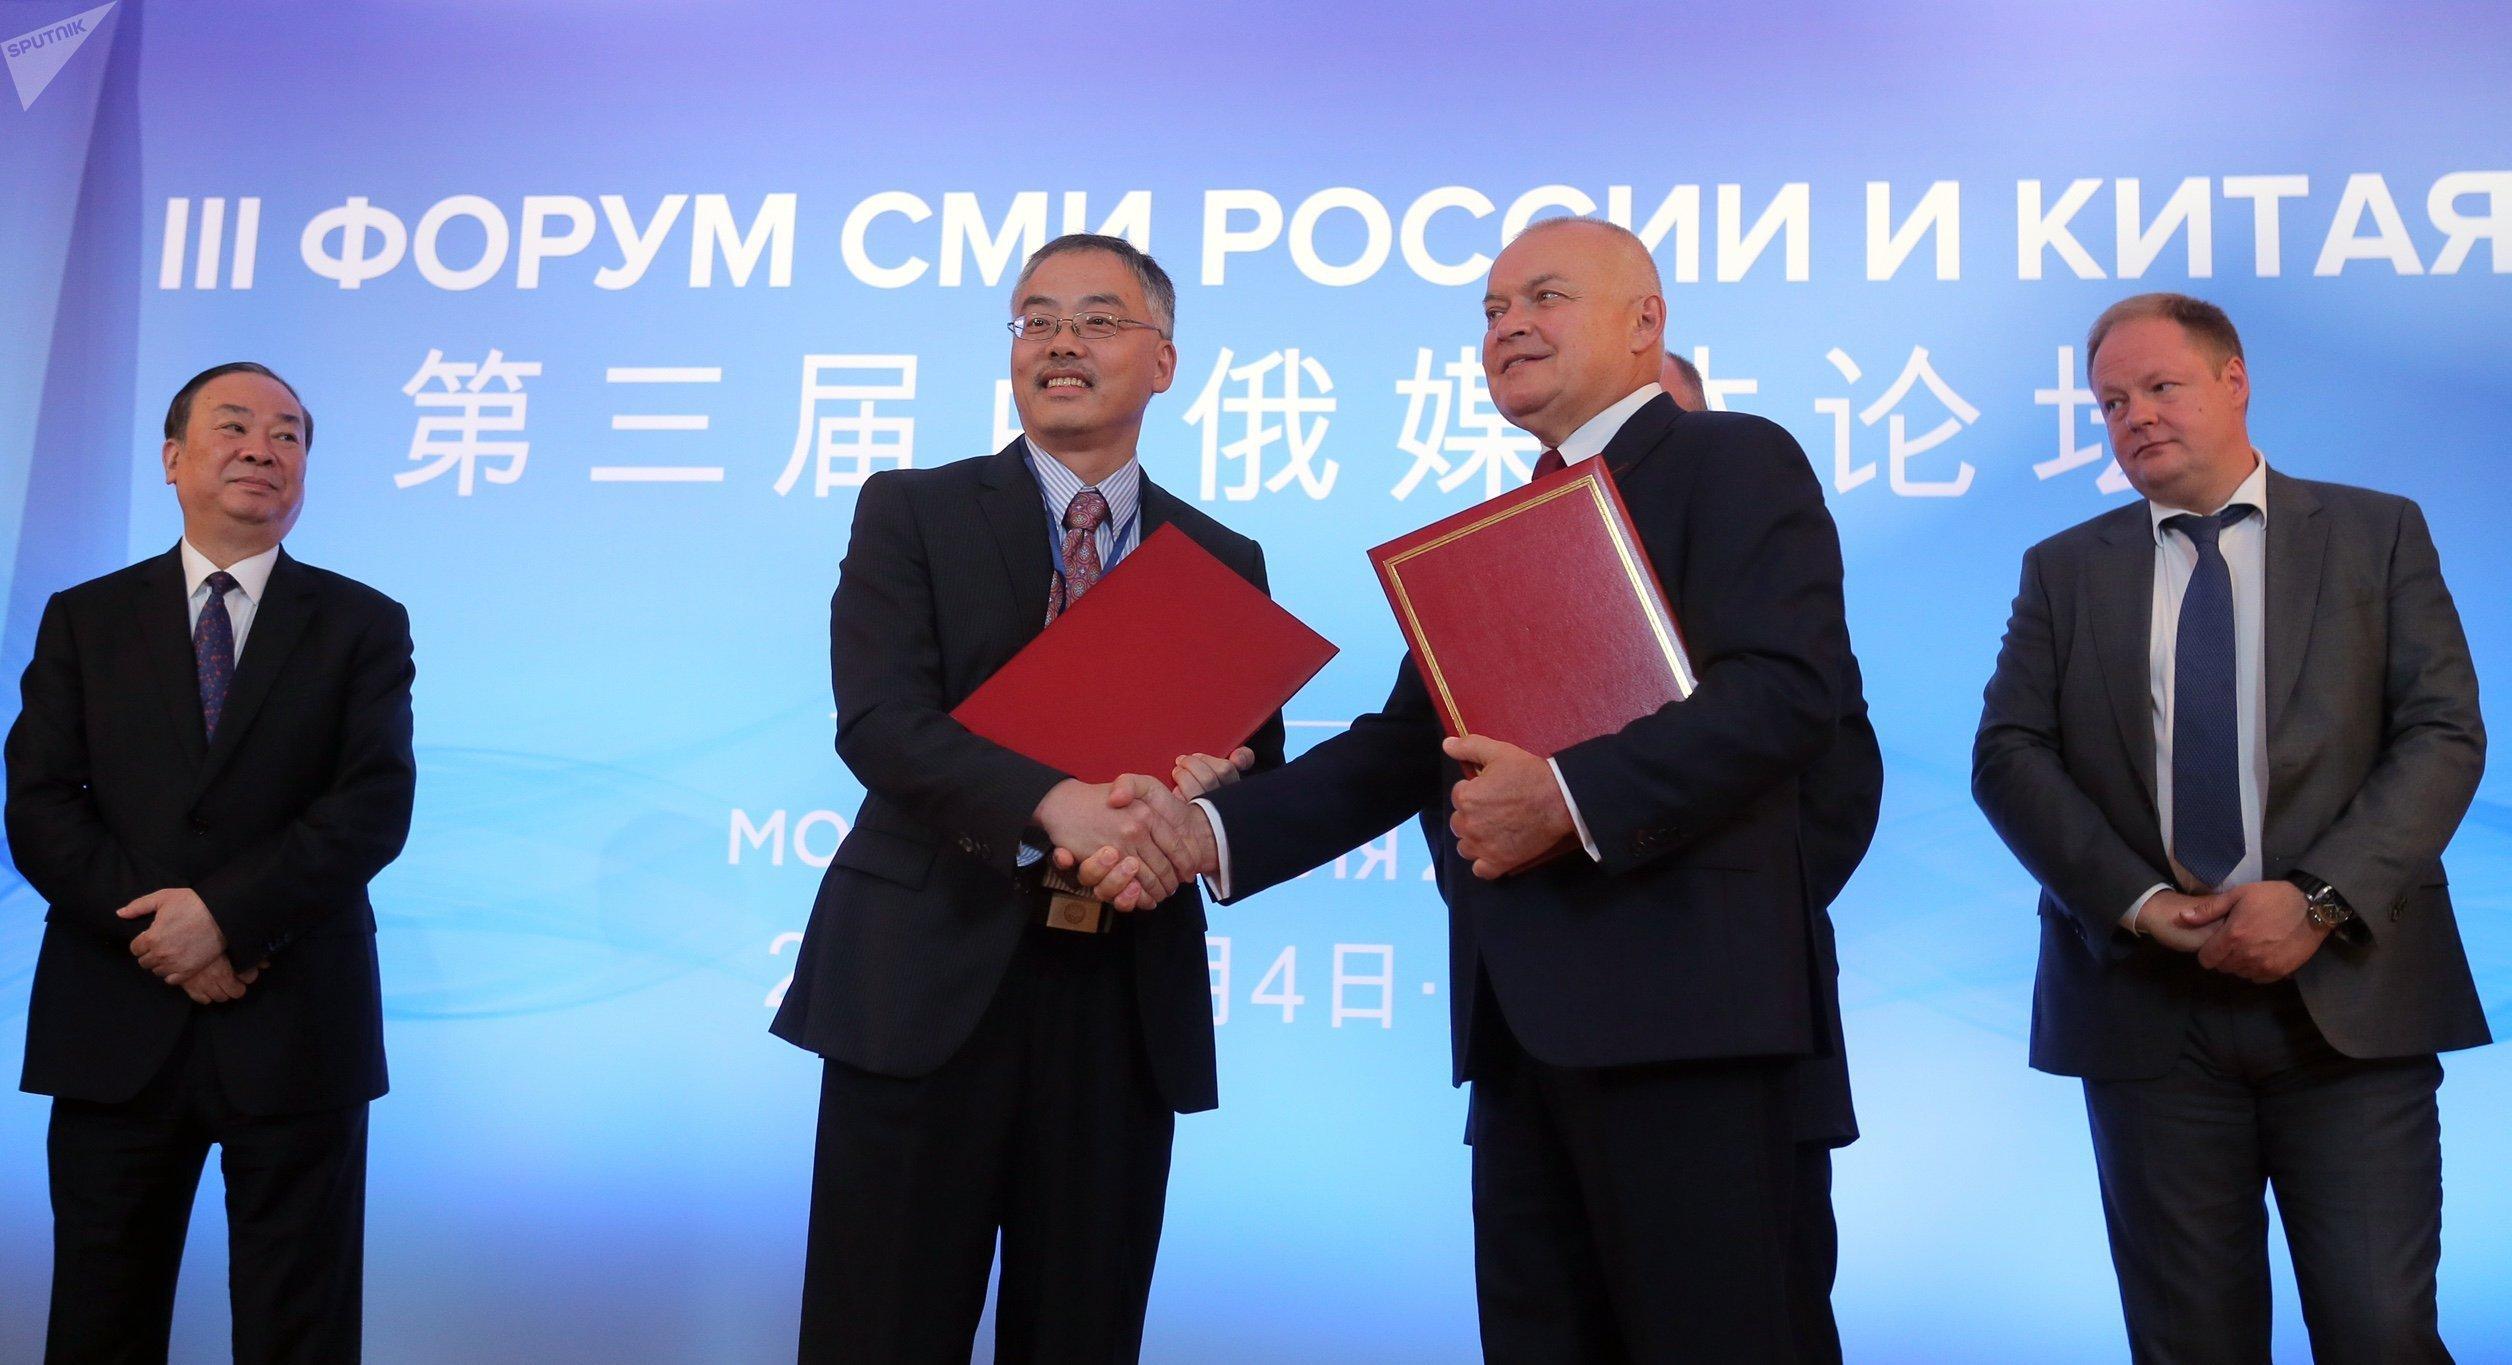 El vice redactor jefe de la agencia Xinhua, Zhou Zongming, y el director general de la agencia Rossiya Segodnya, Dmitri Kiseliov